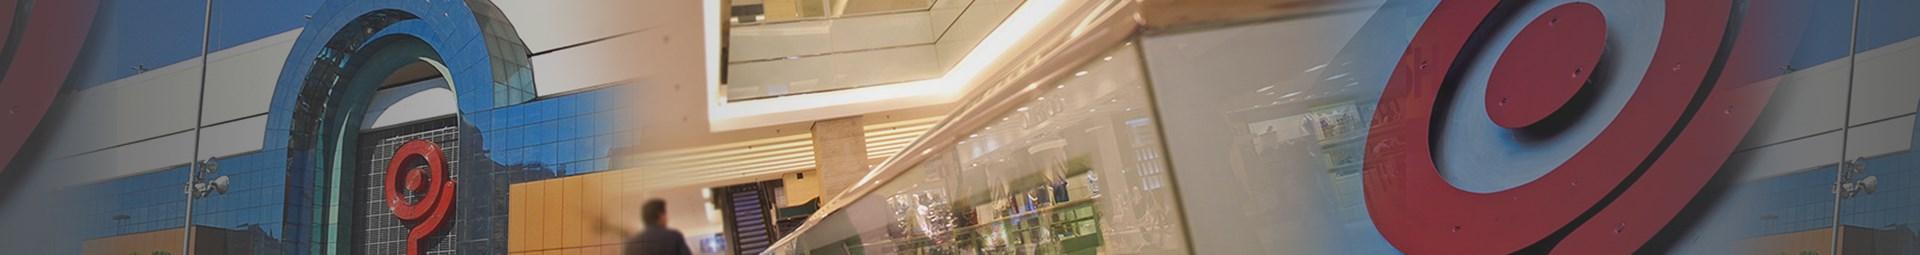 Imagem Shopping